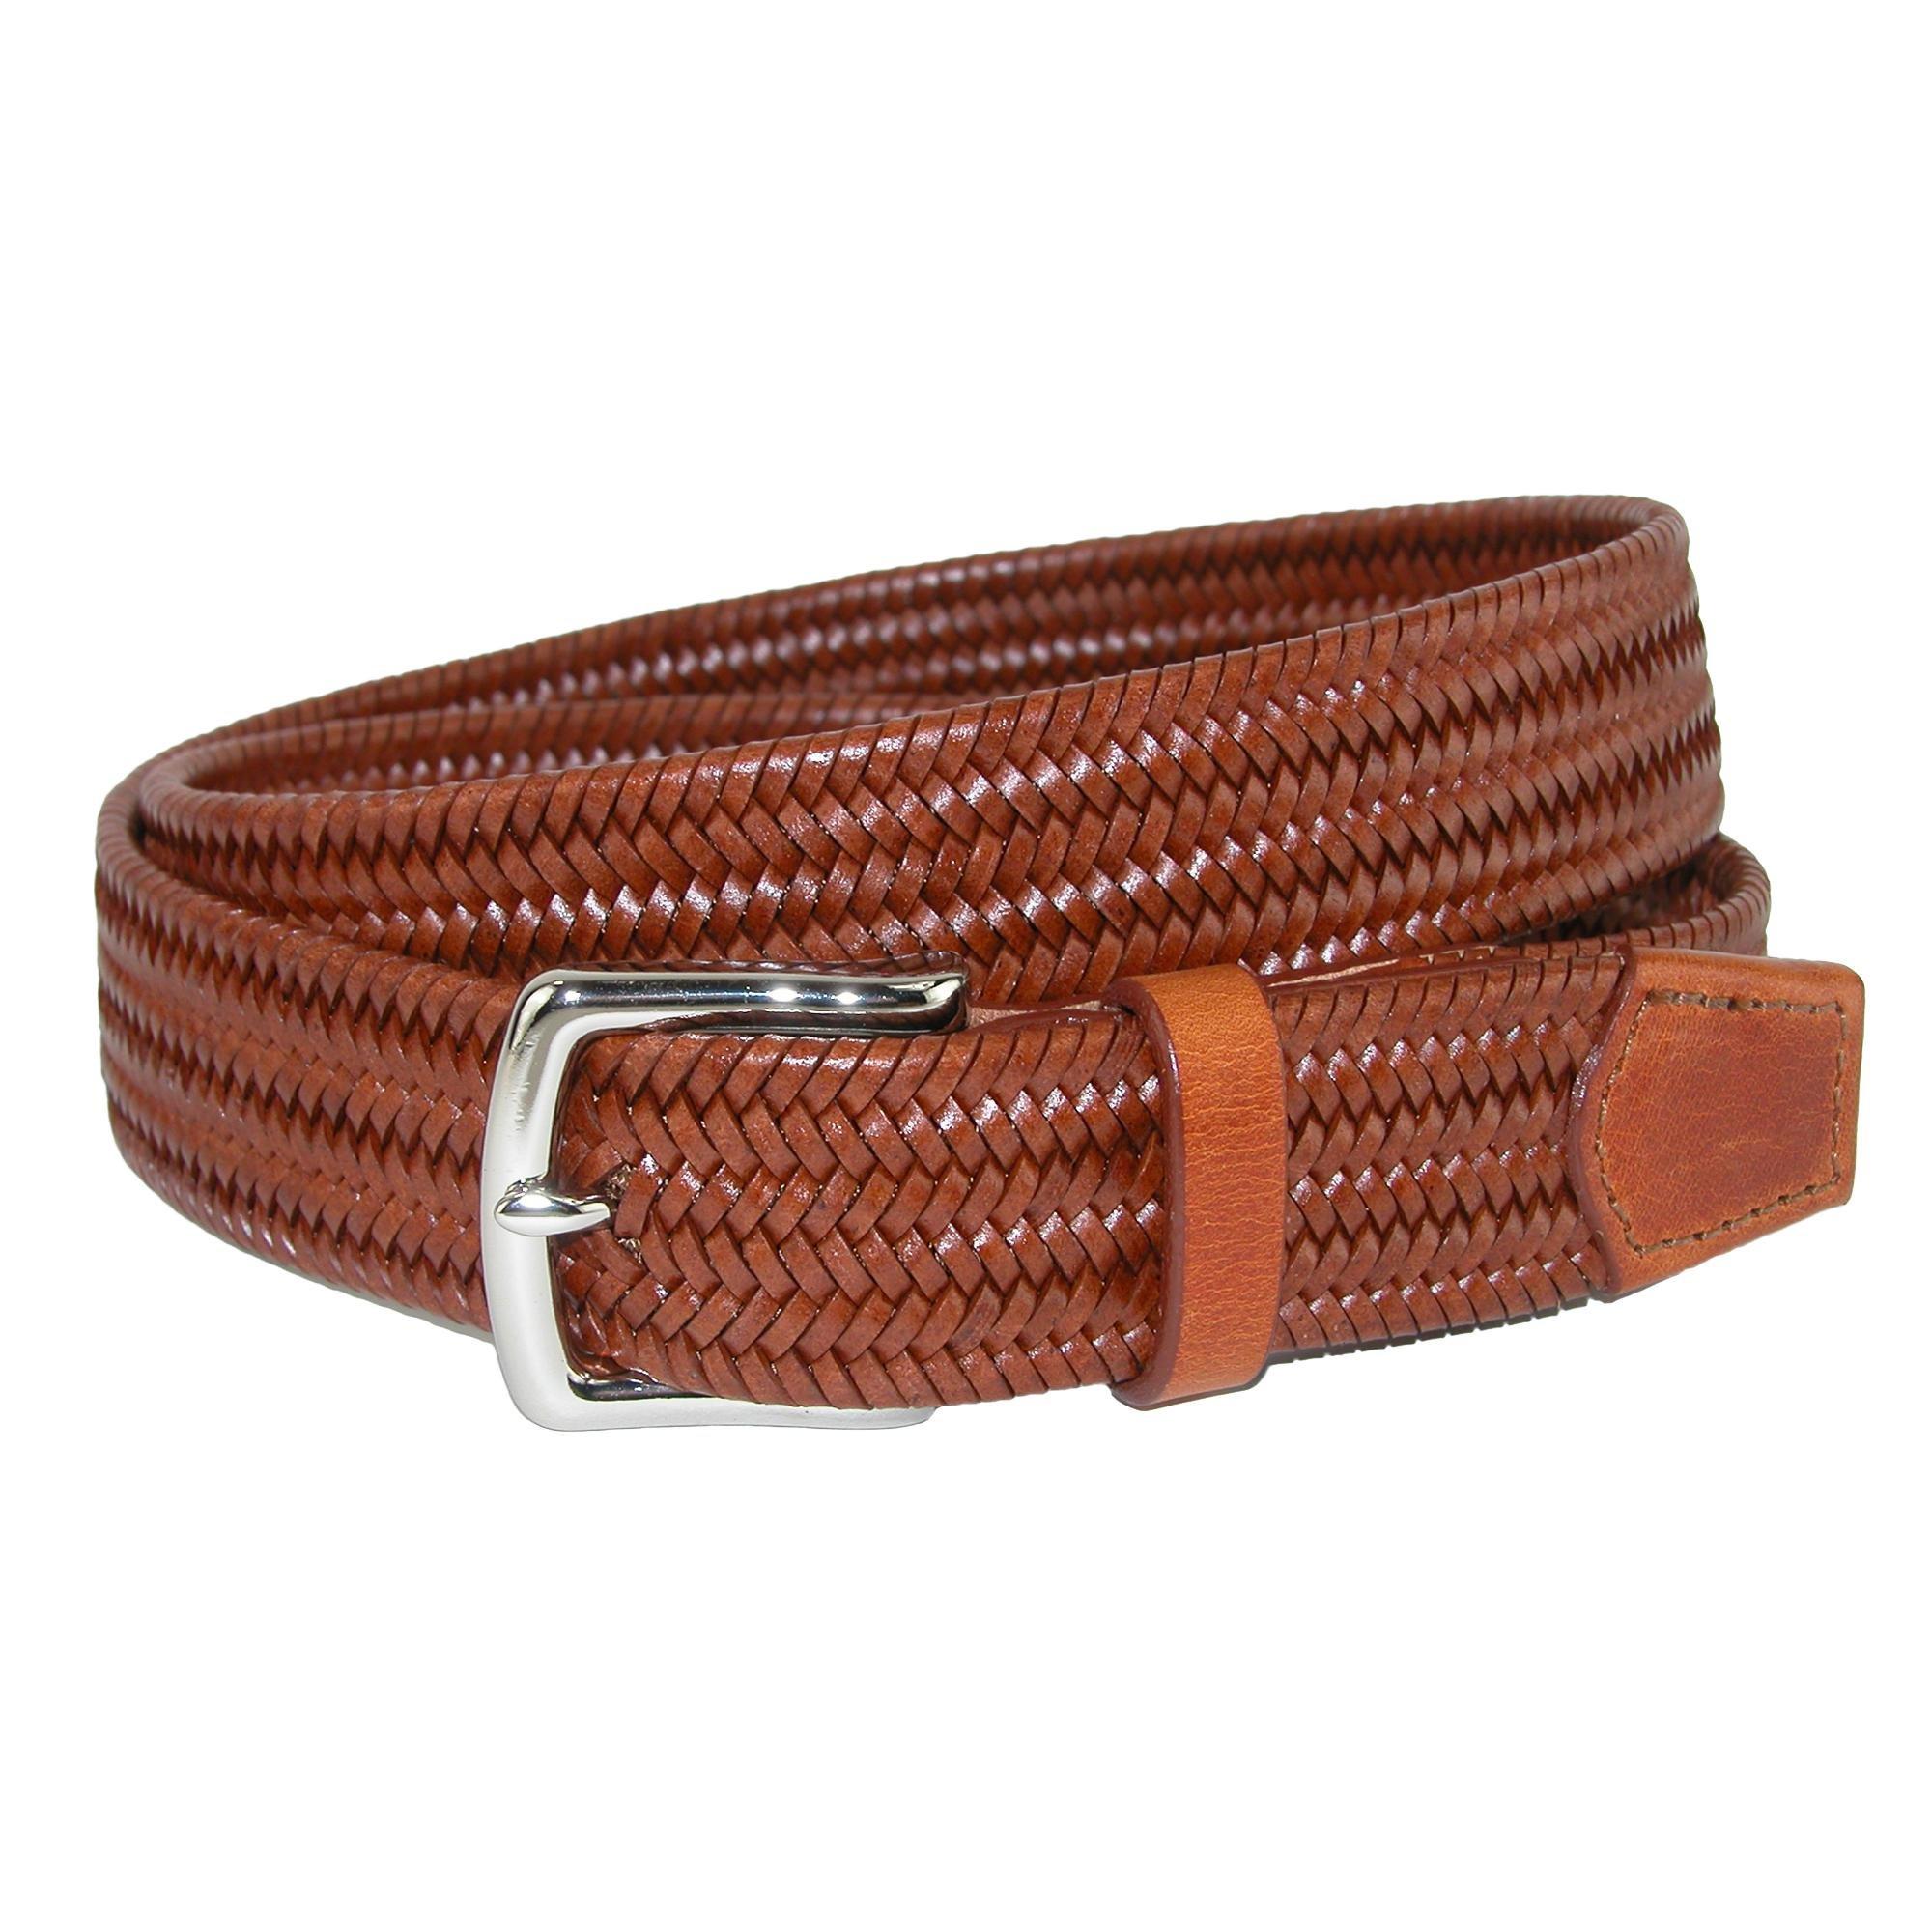 CrookhornDavis Men's Daytona Braided Leather Stretch Belt, 42, Chestnut